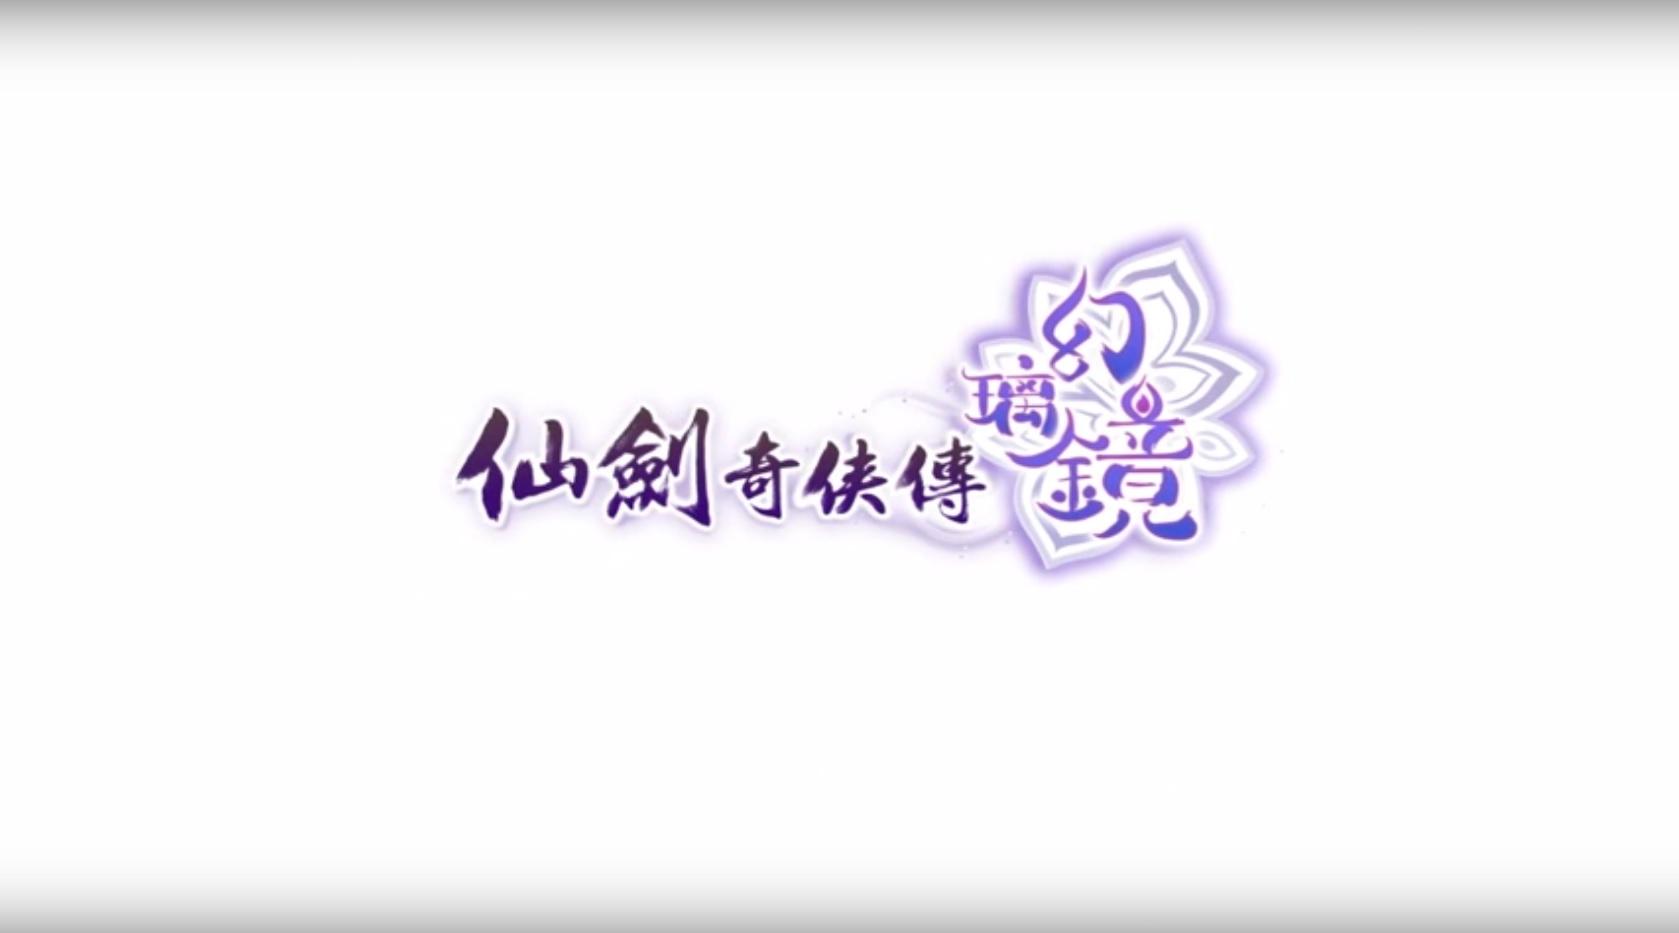 大宇资讯今日揭露了仙剑系列全新手机游戏作品《仙剑奇侠传 幻璃镜》